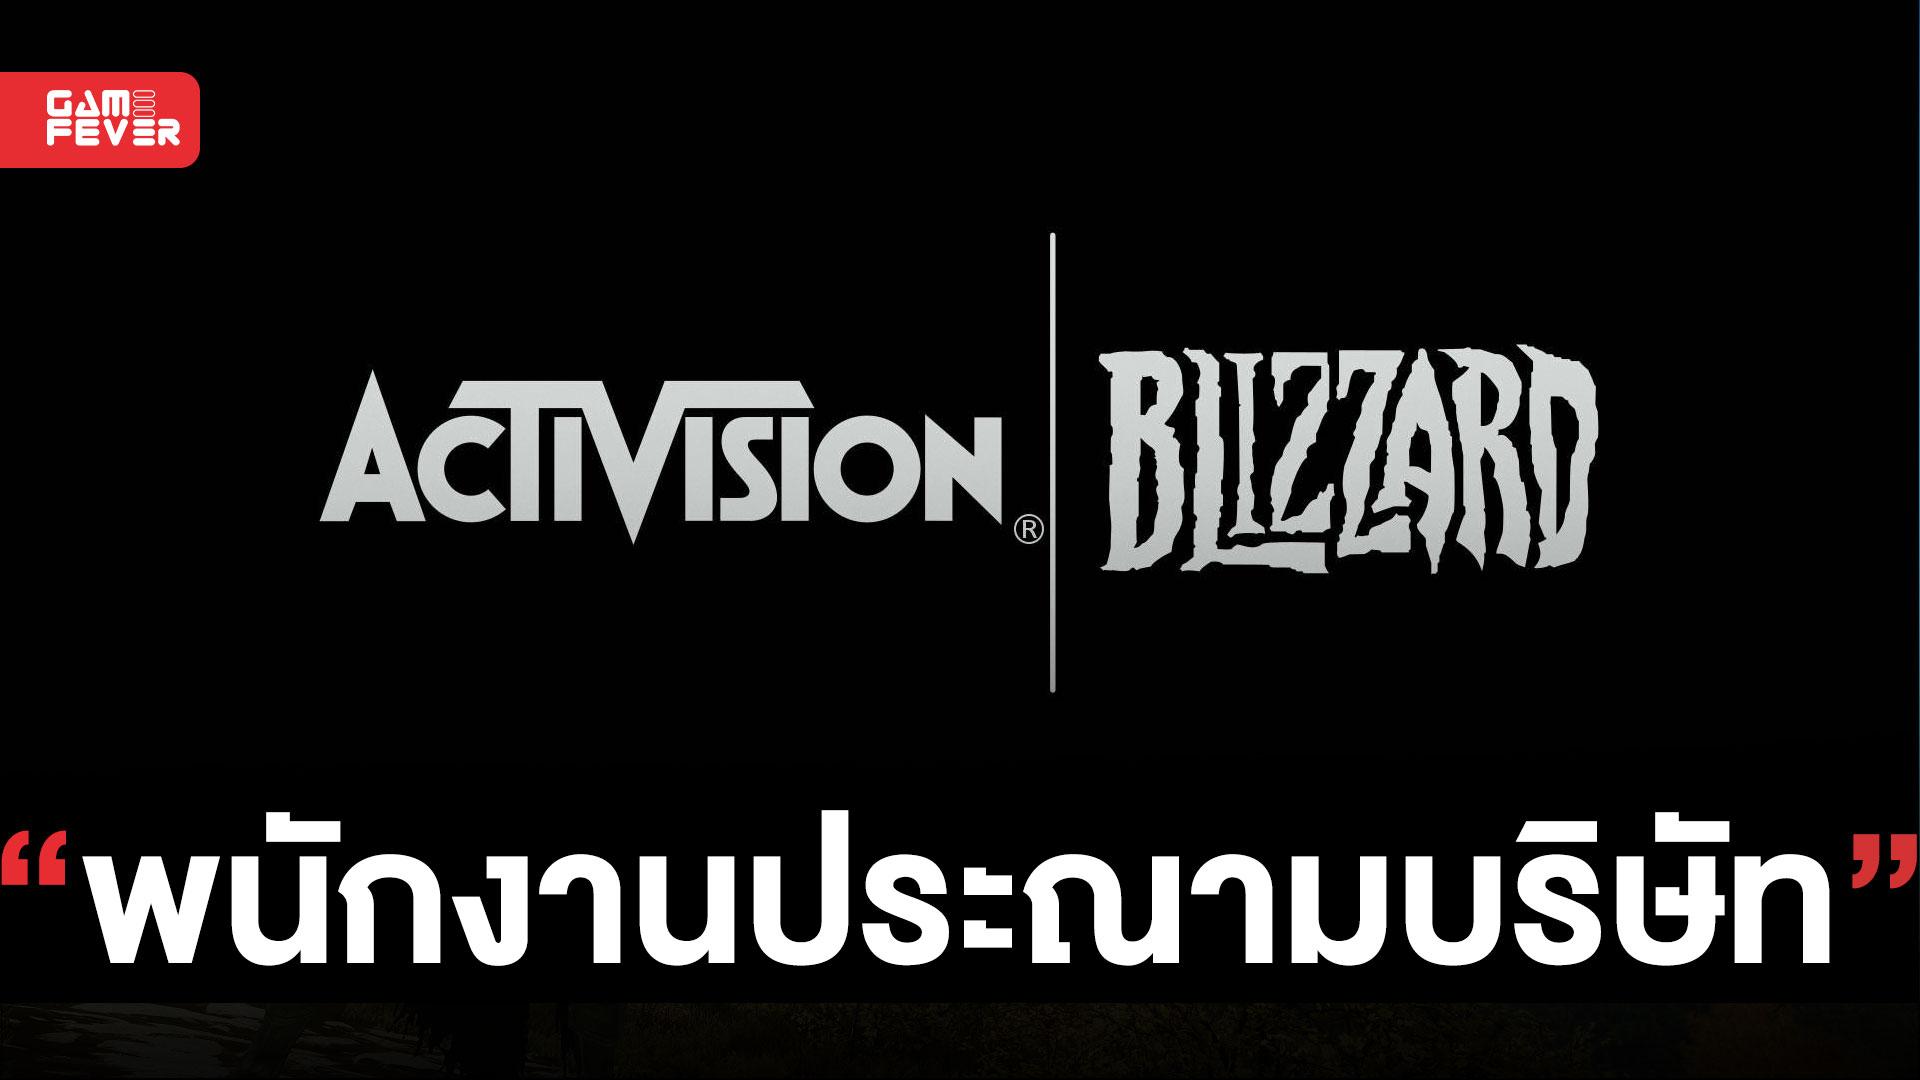 พนักงาน Activision Blizzard นับ 1,000 คนลงนามในจดหมายประณามบริษัทเนื่องจากข้อกล่าวหาที่ผ่านมา